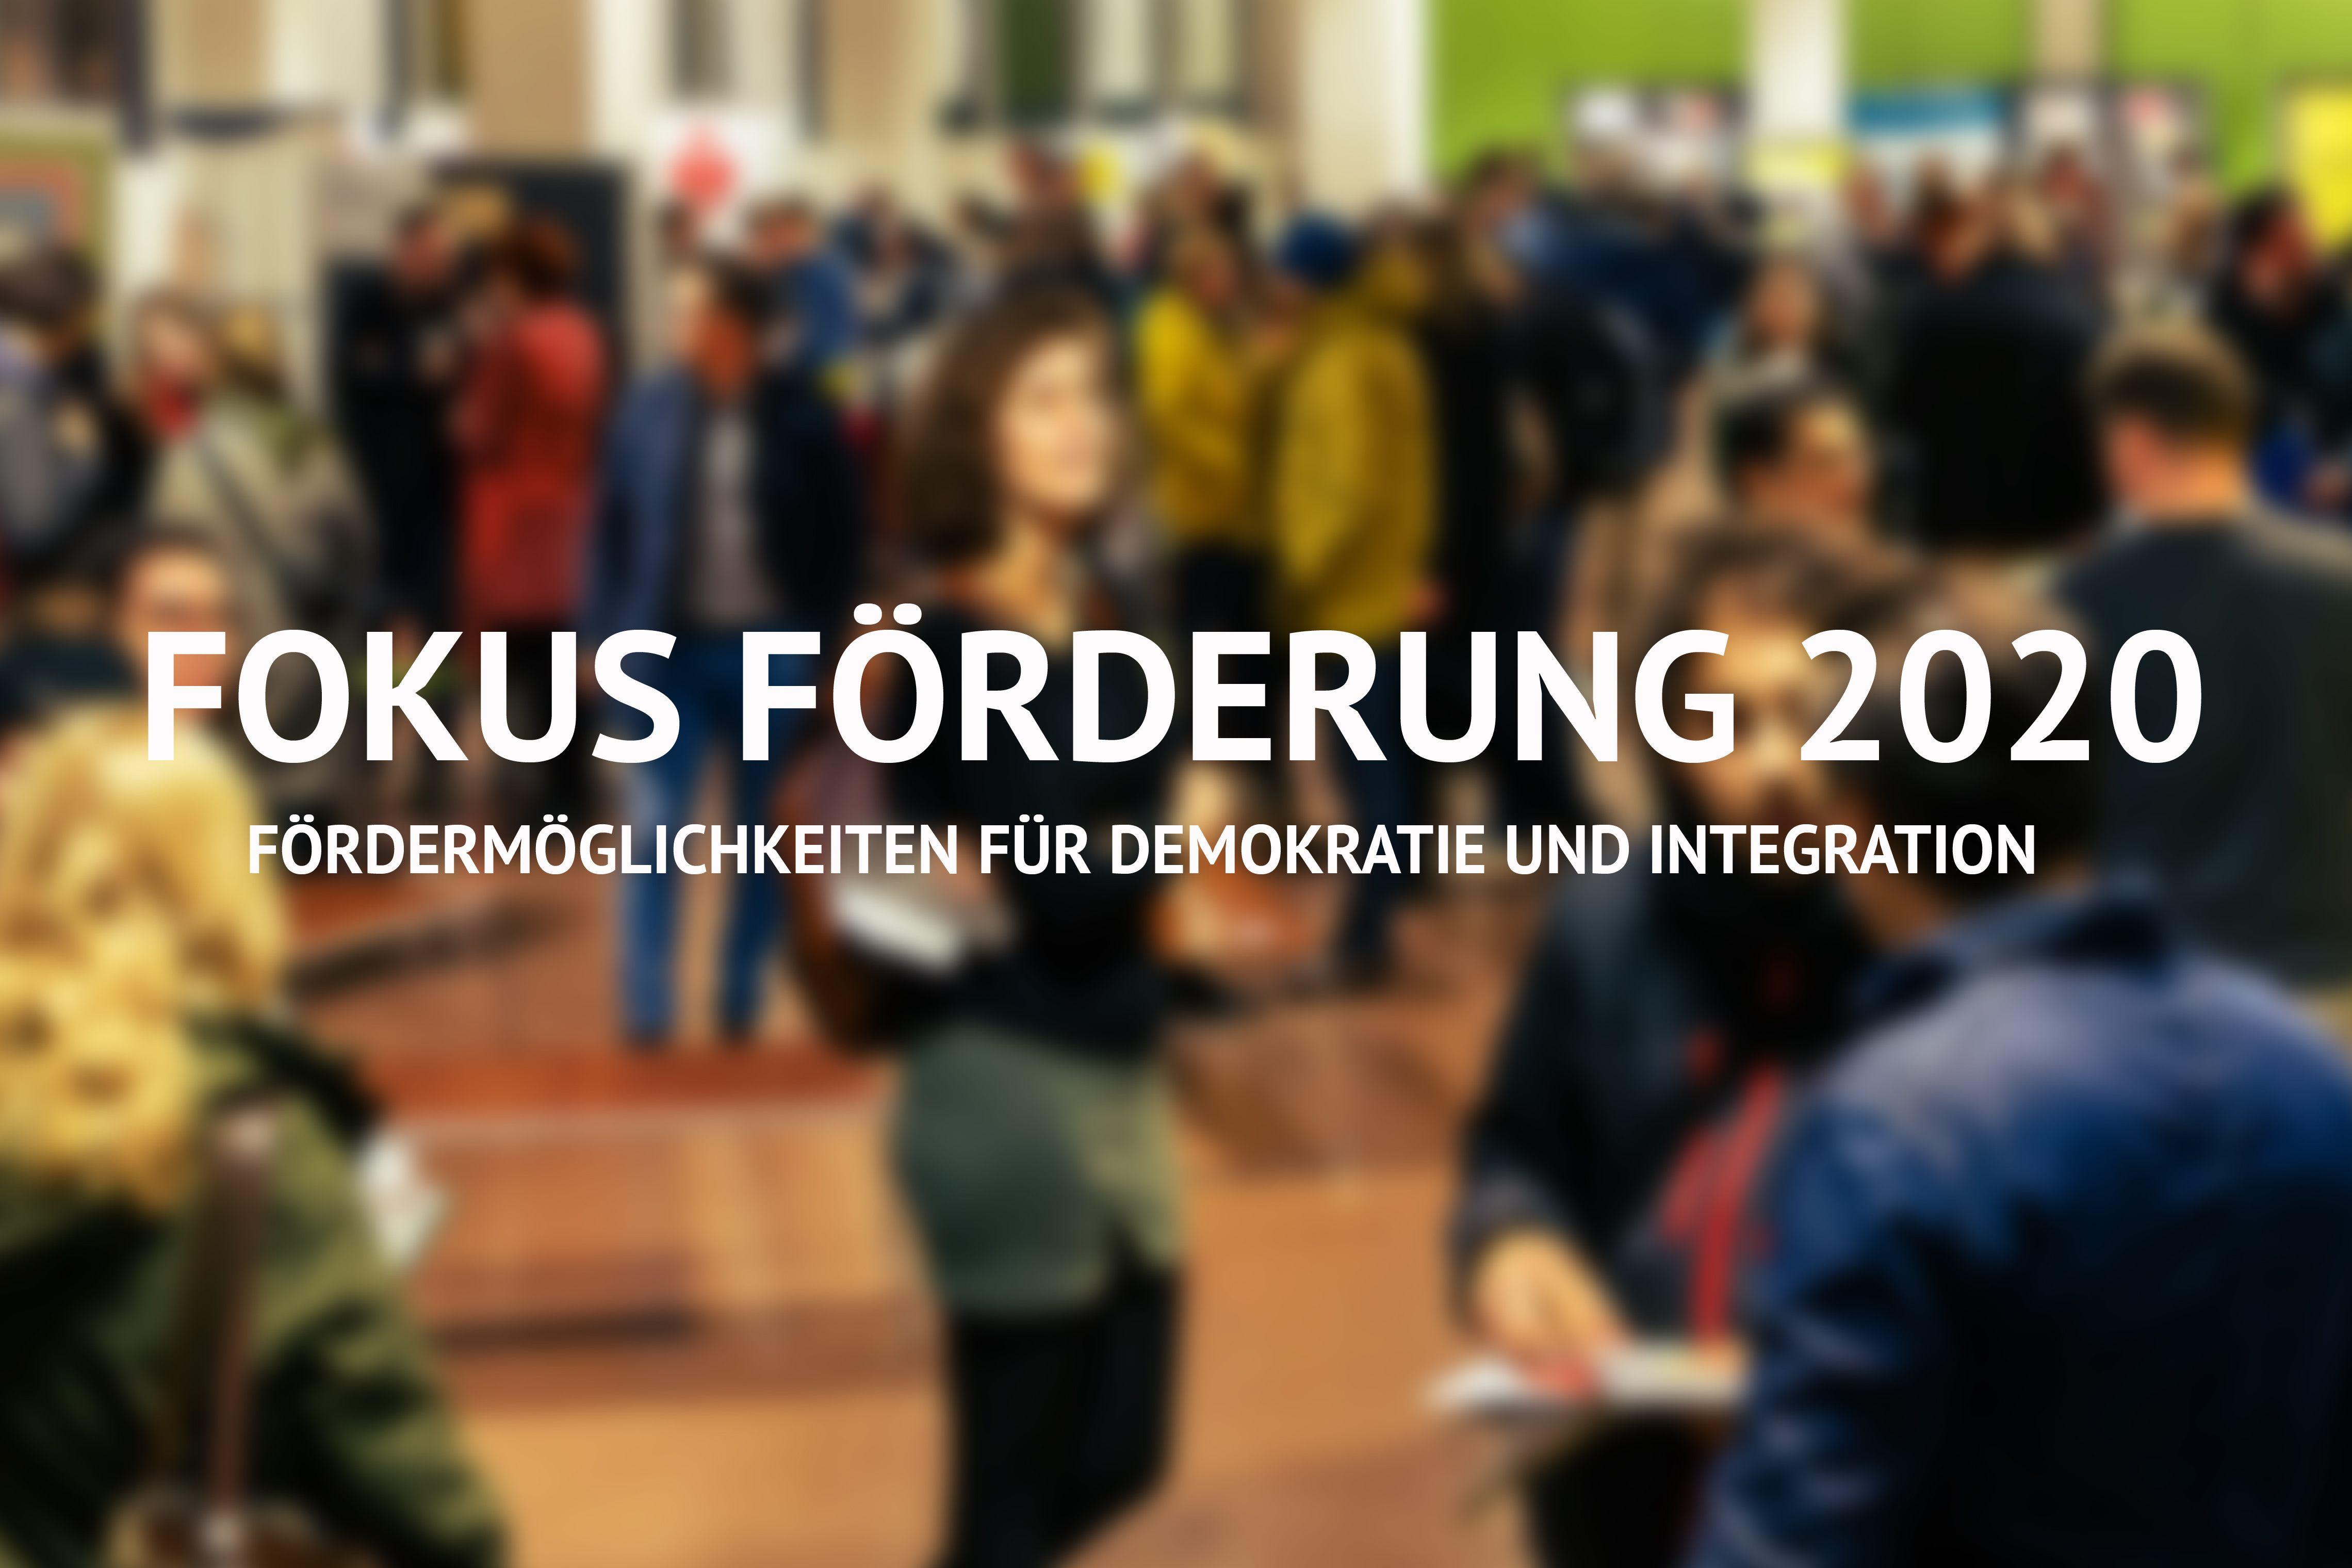 Fokus Förderung 2020